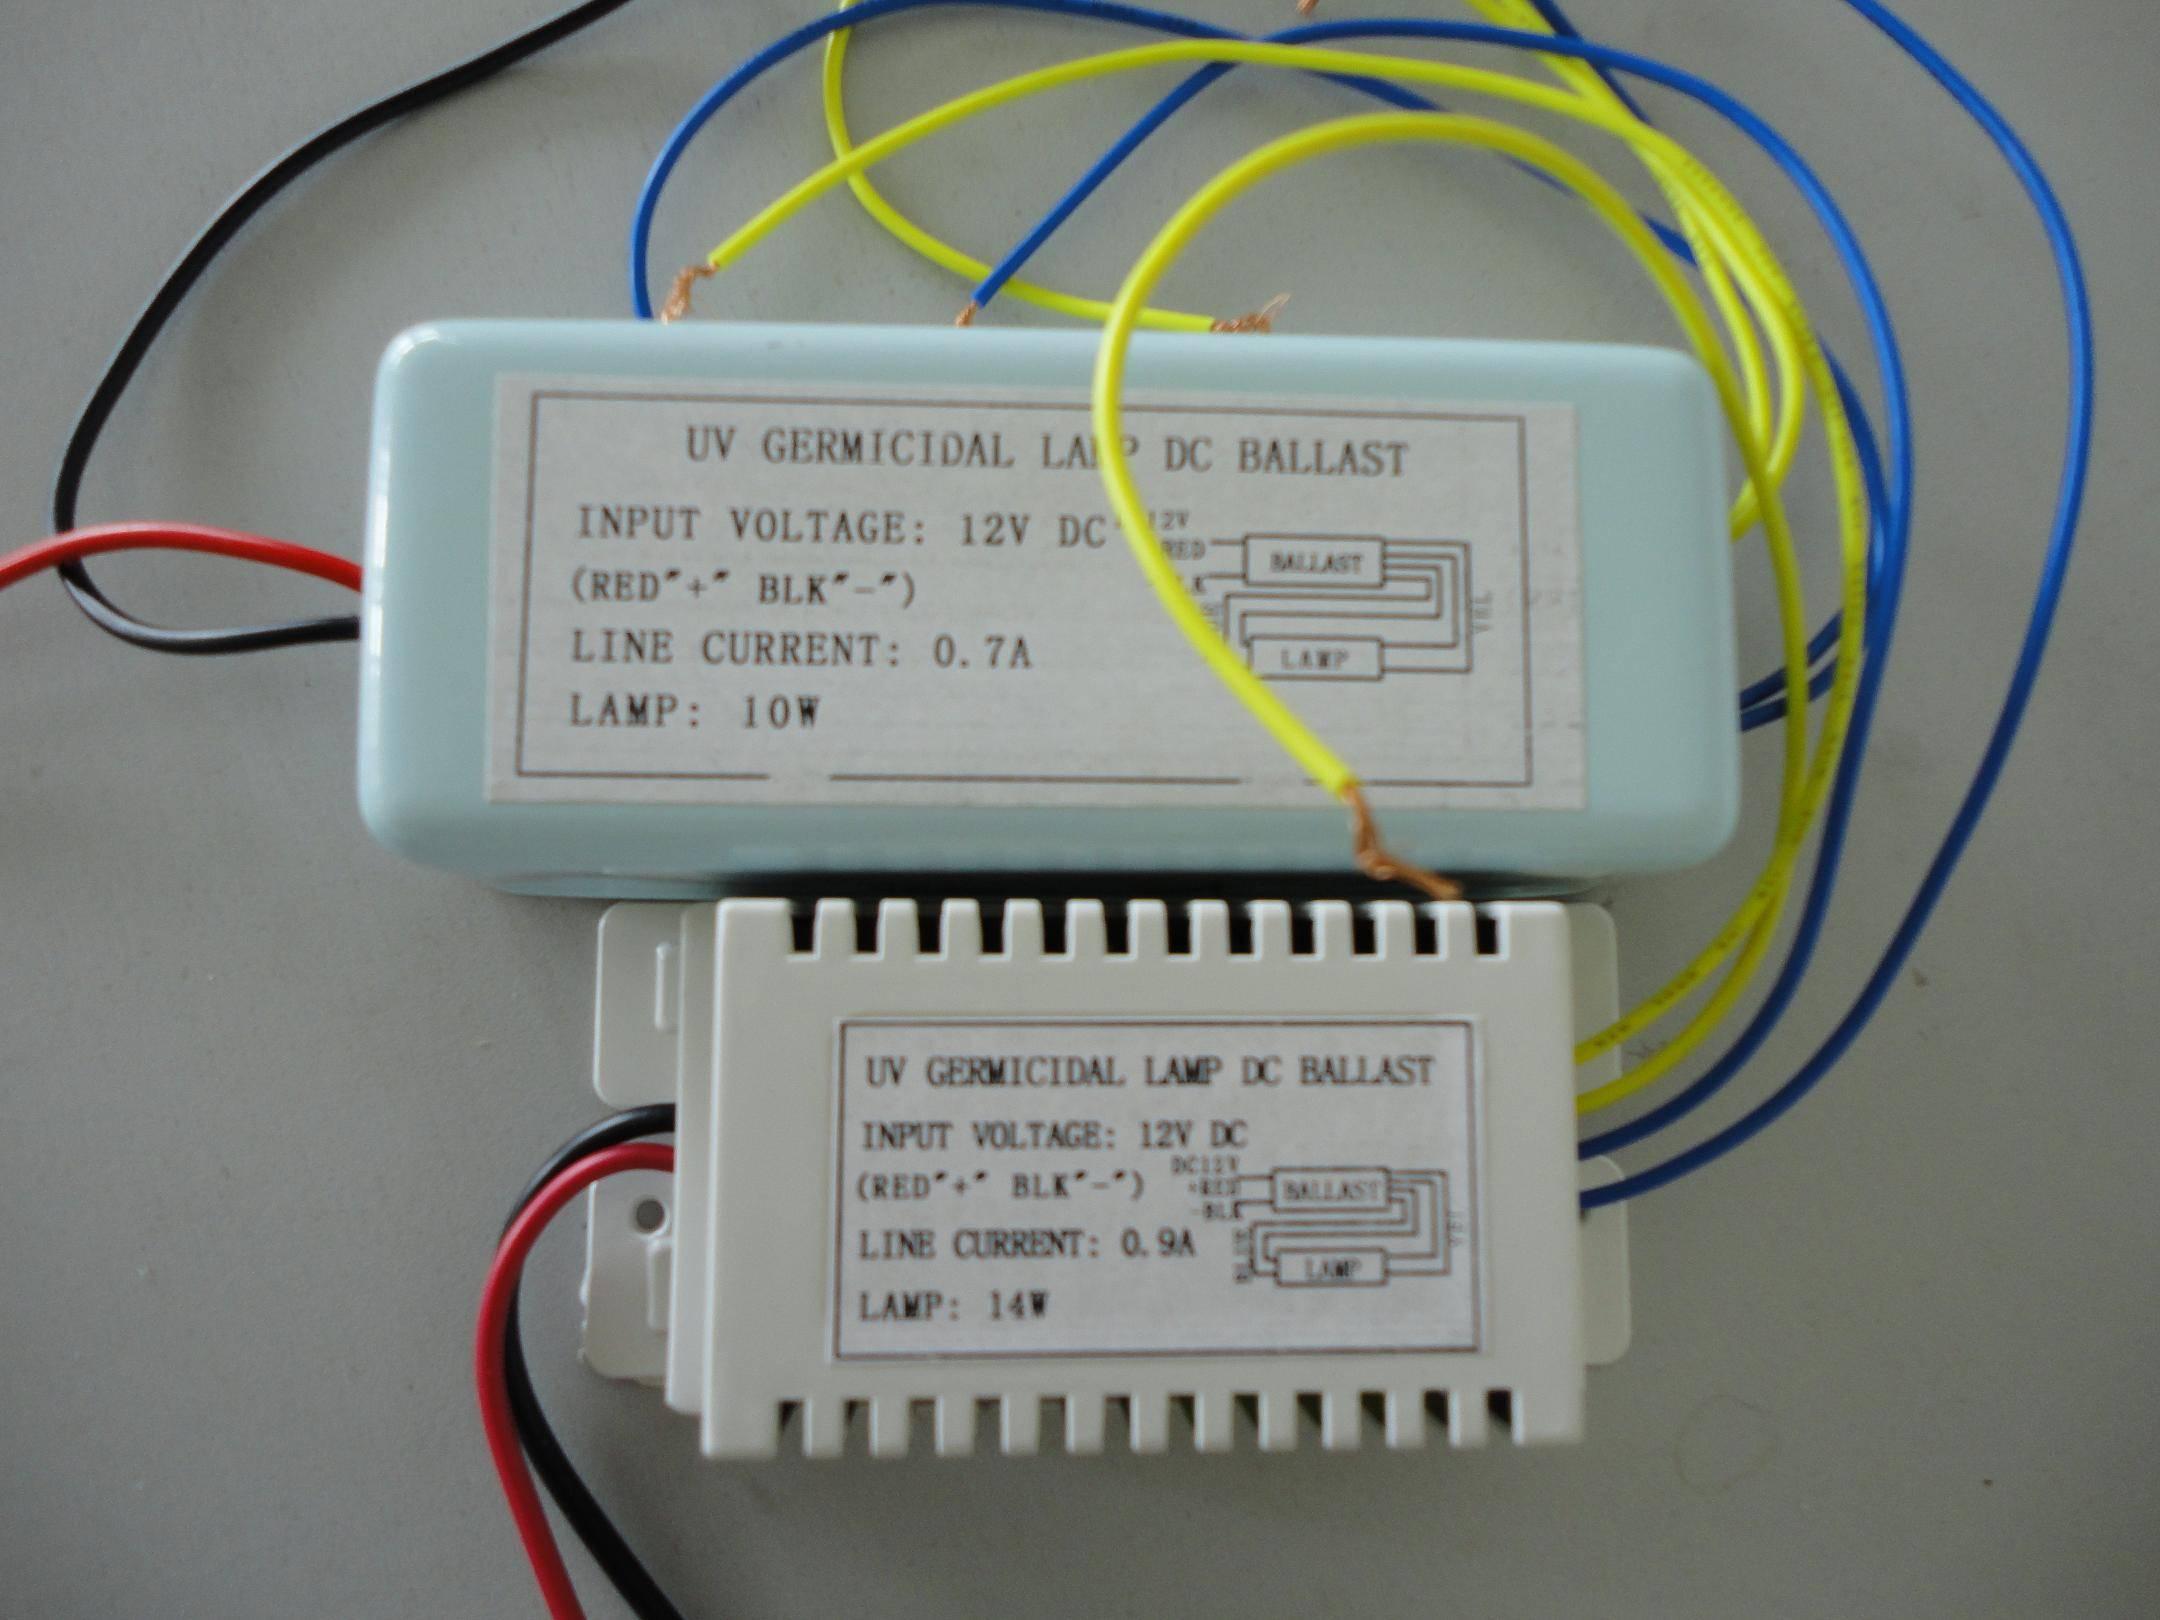 UV germicidal lamp DC ballast(12V 14W)